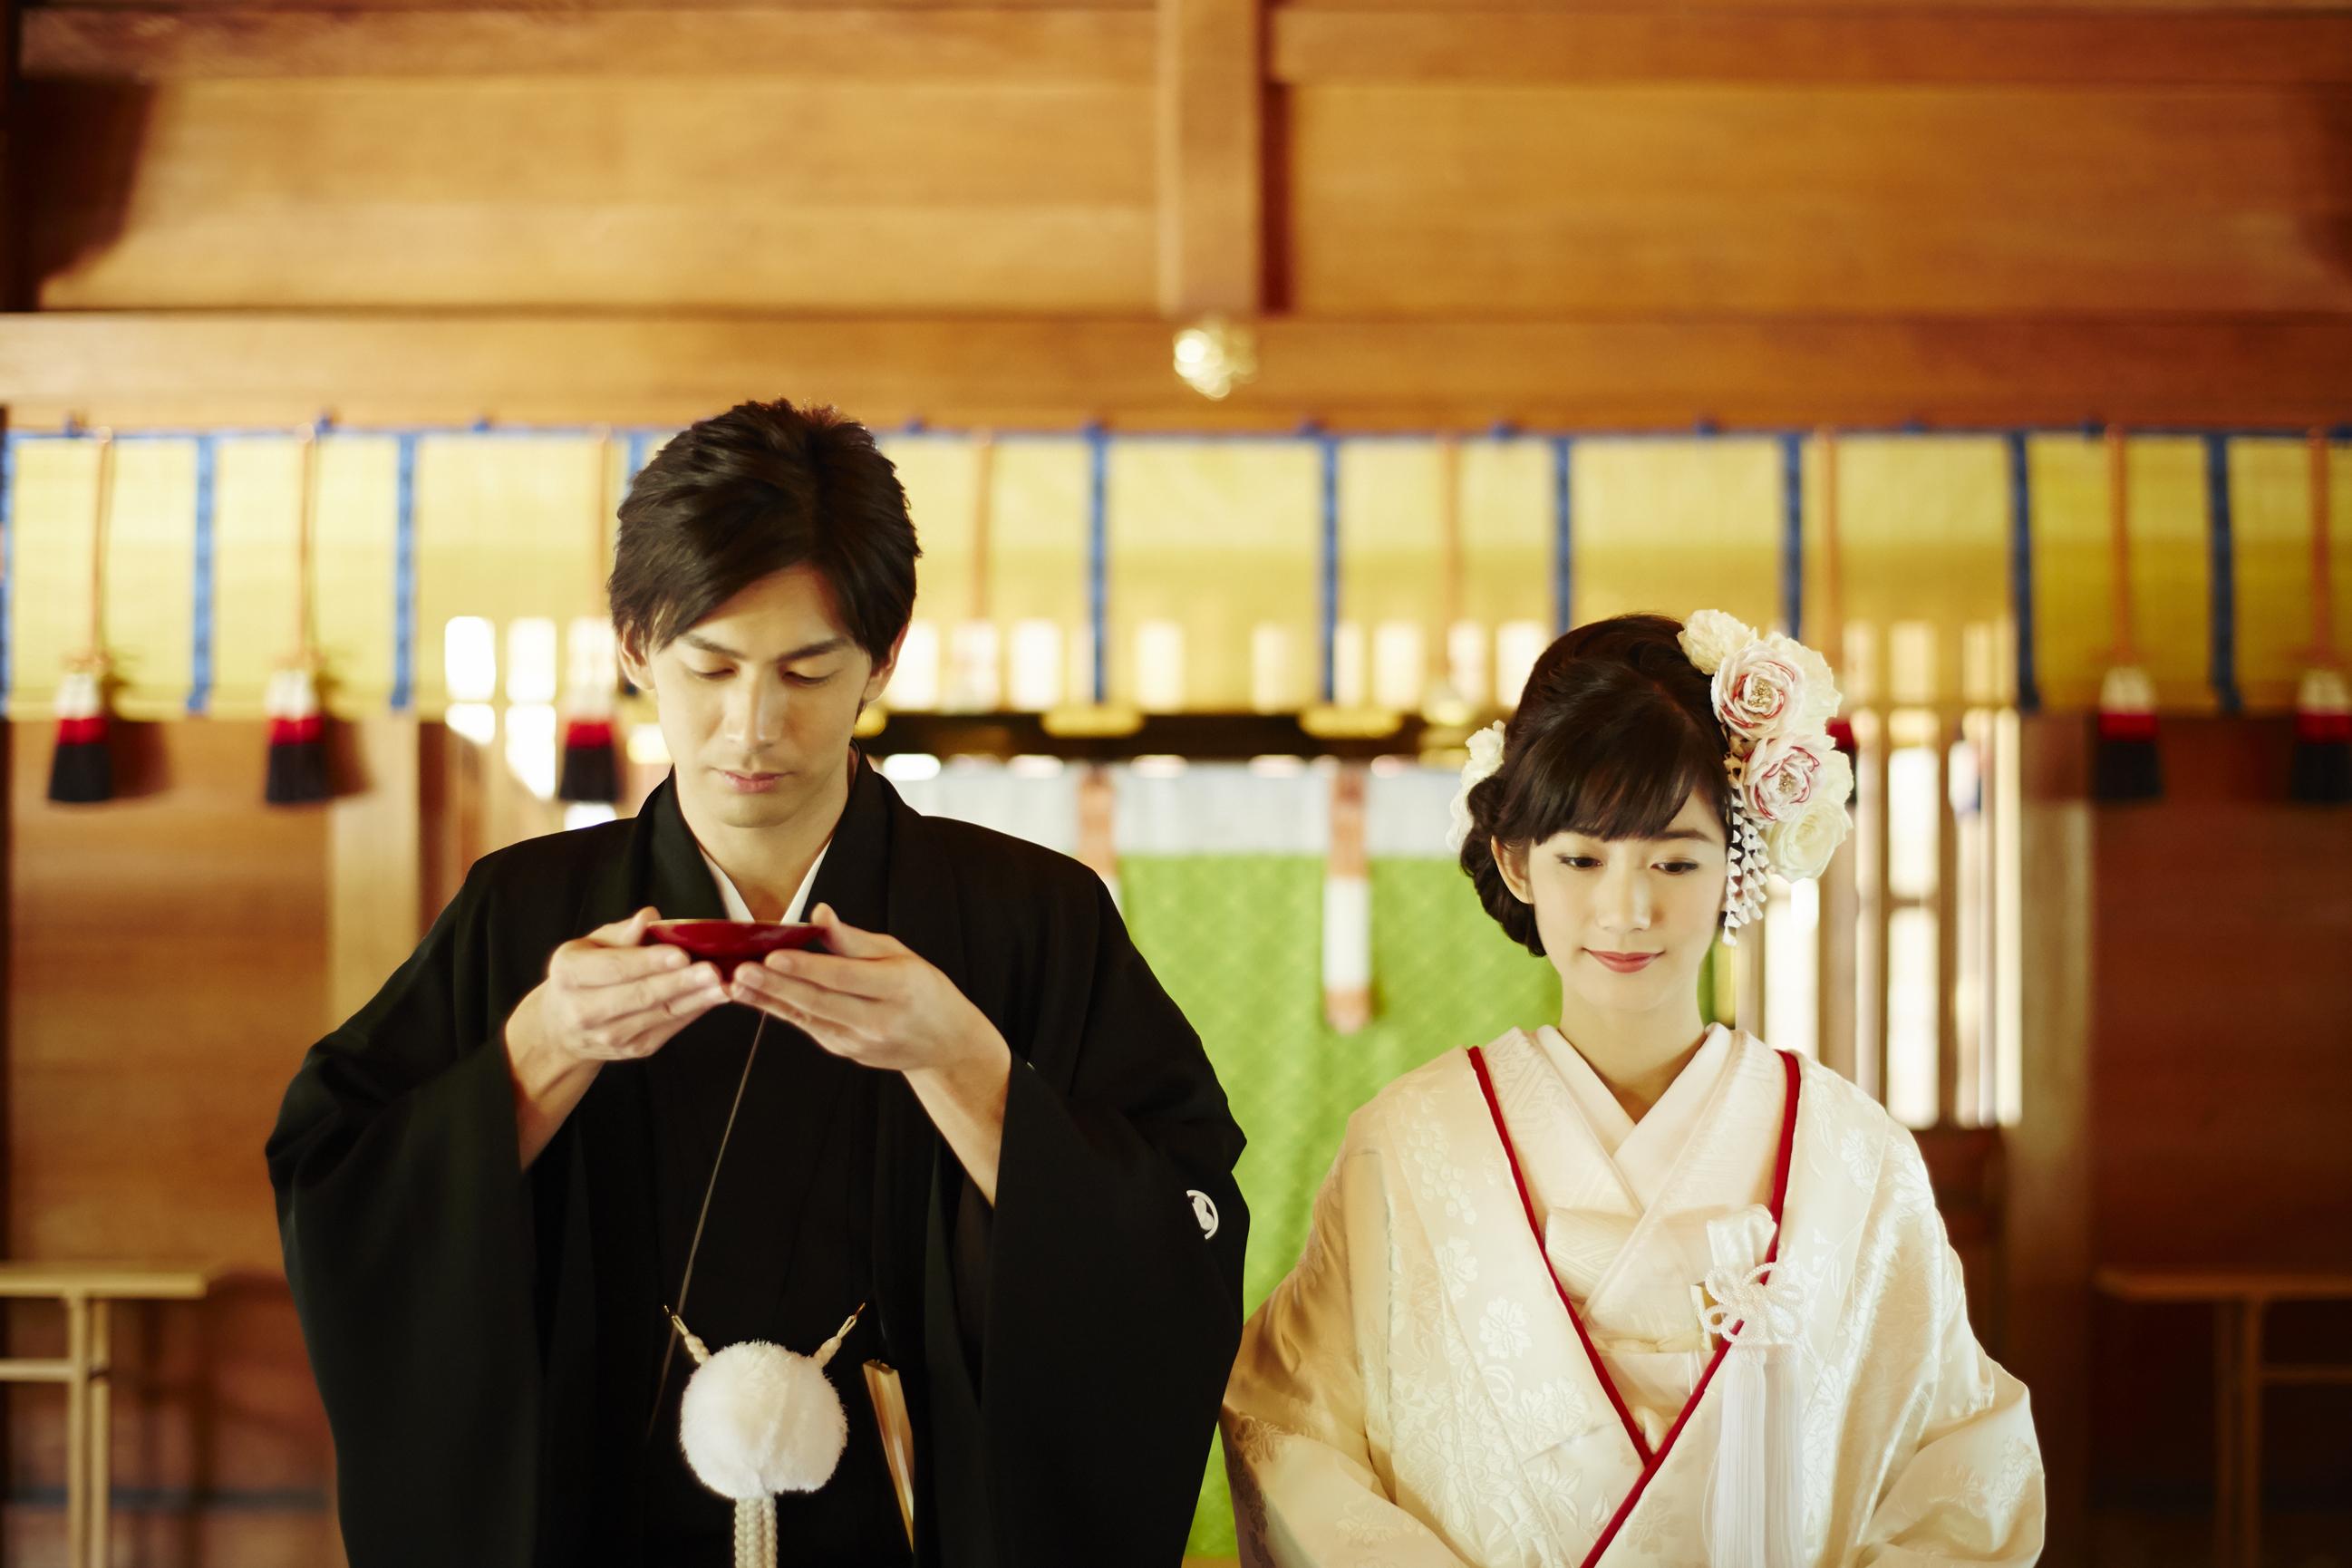 [早く結婚したい人必見]彼氏が結婚を意識する5つのタイミングとは?のサムネイル画像